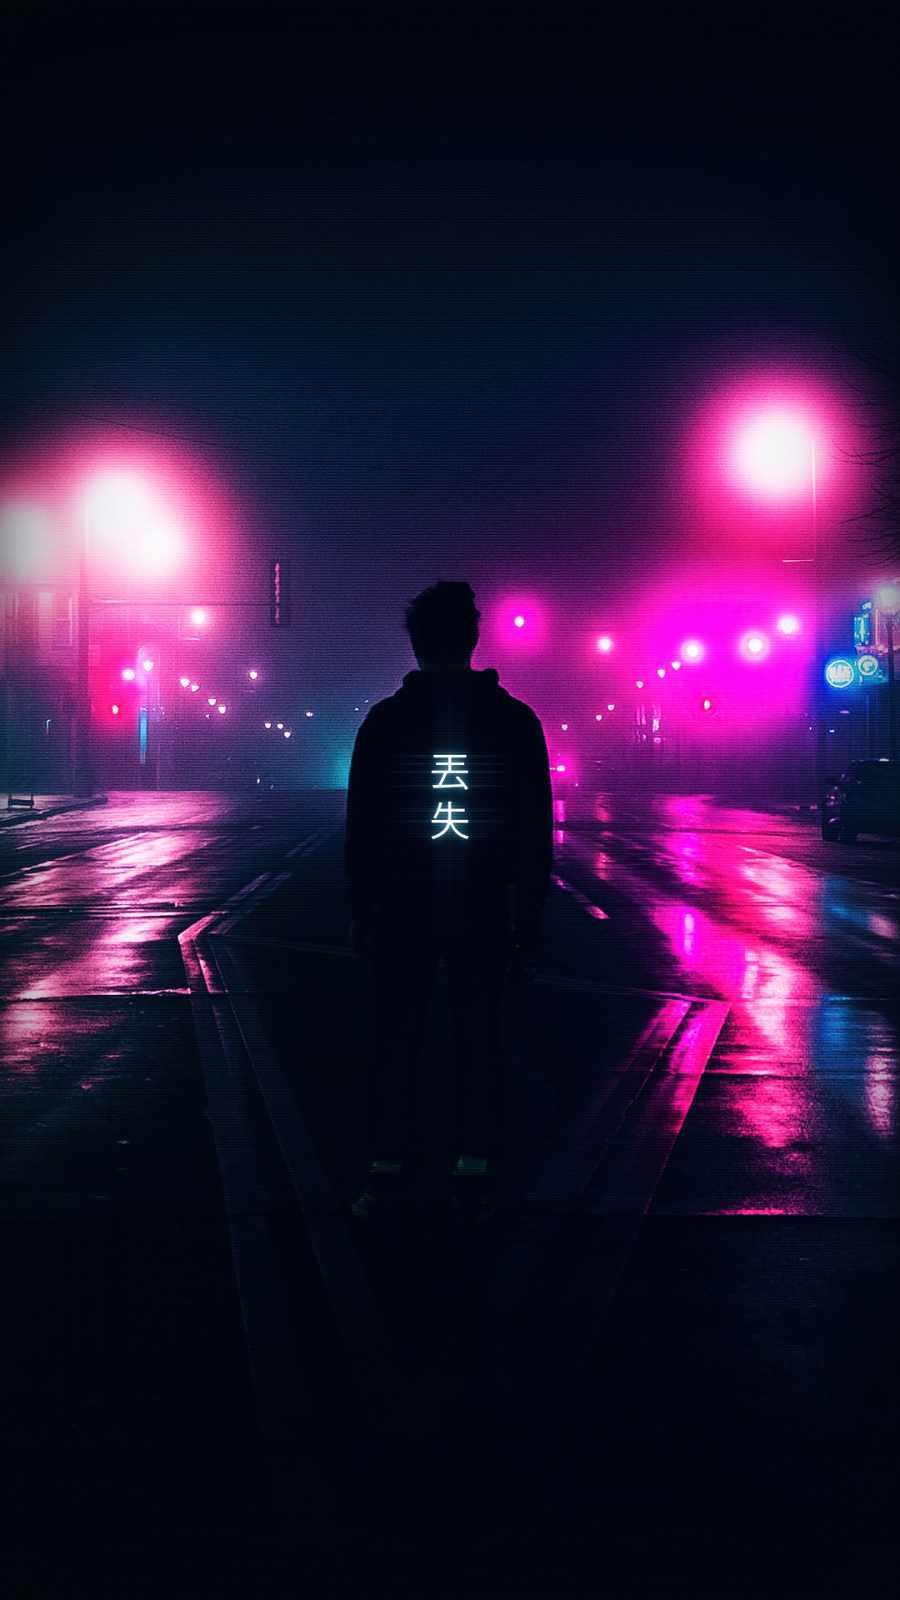 neon light guy